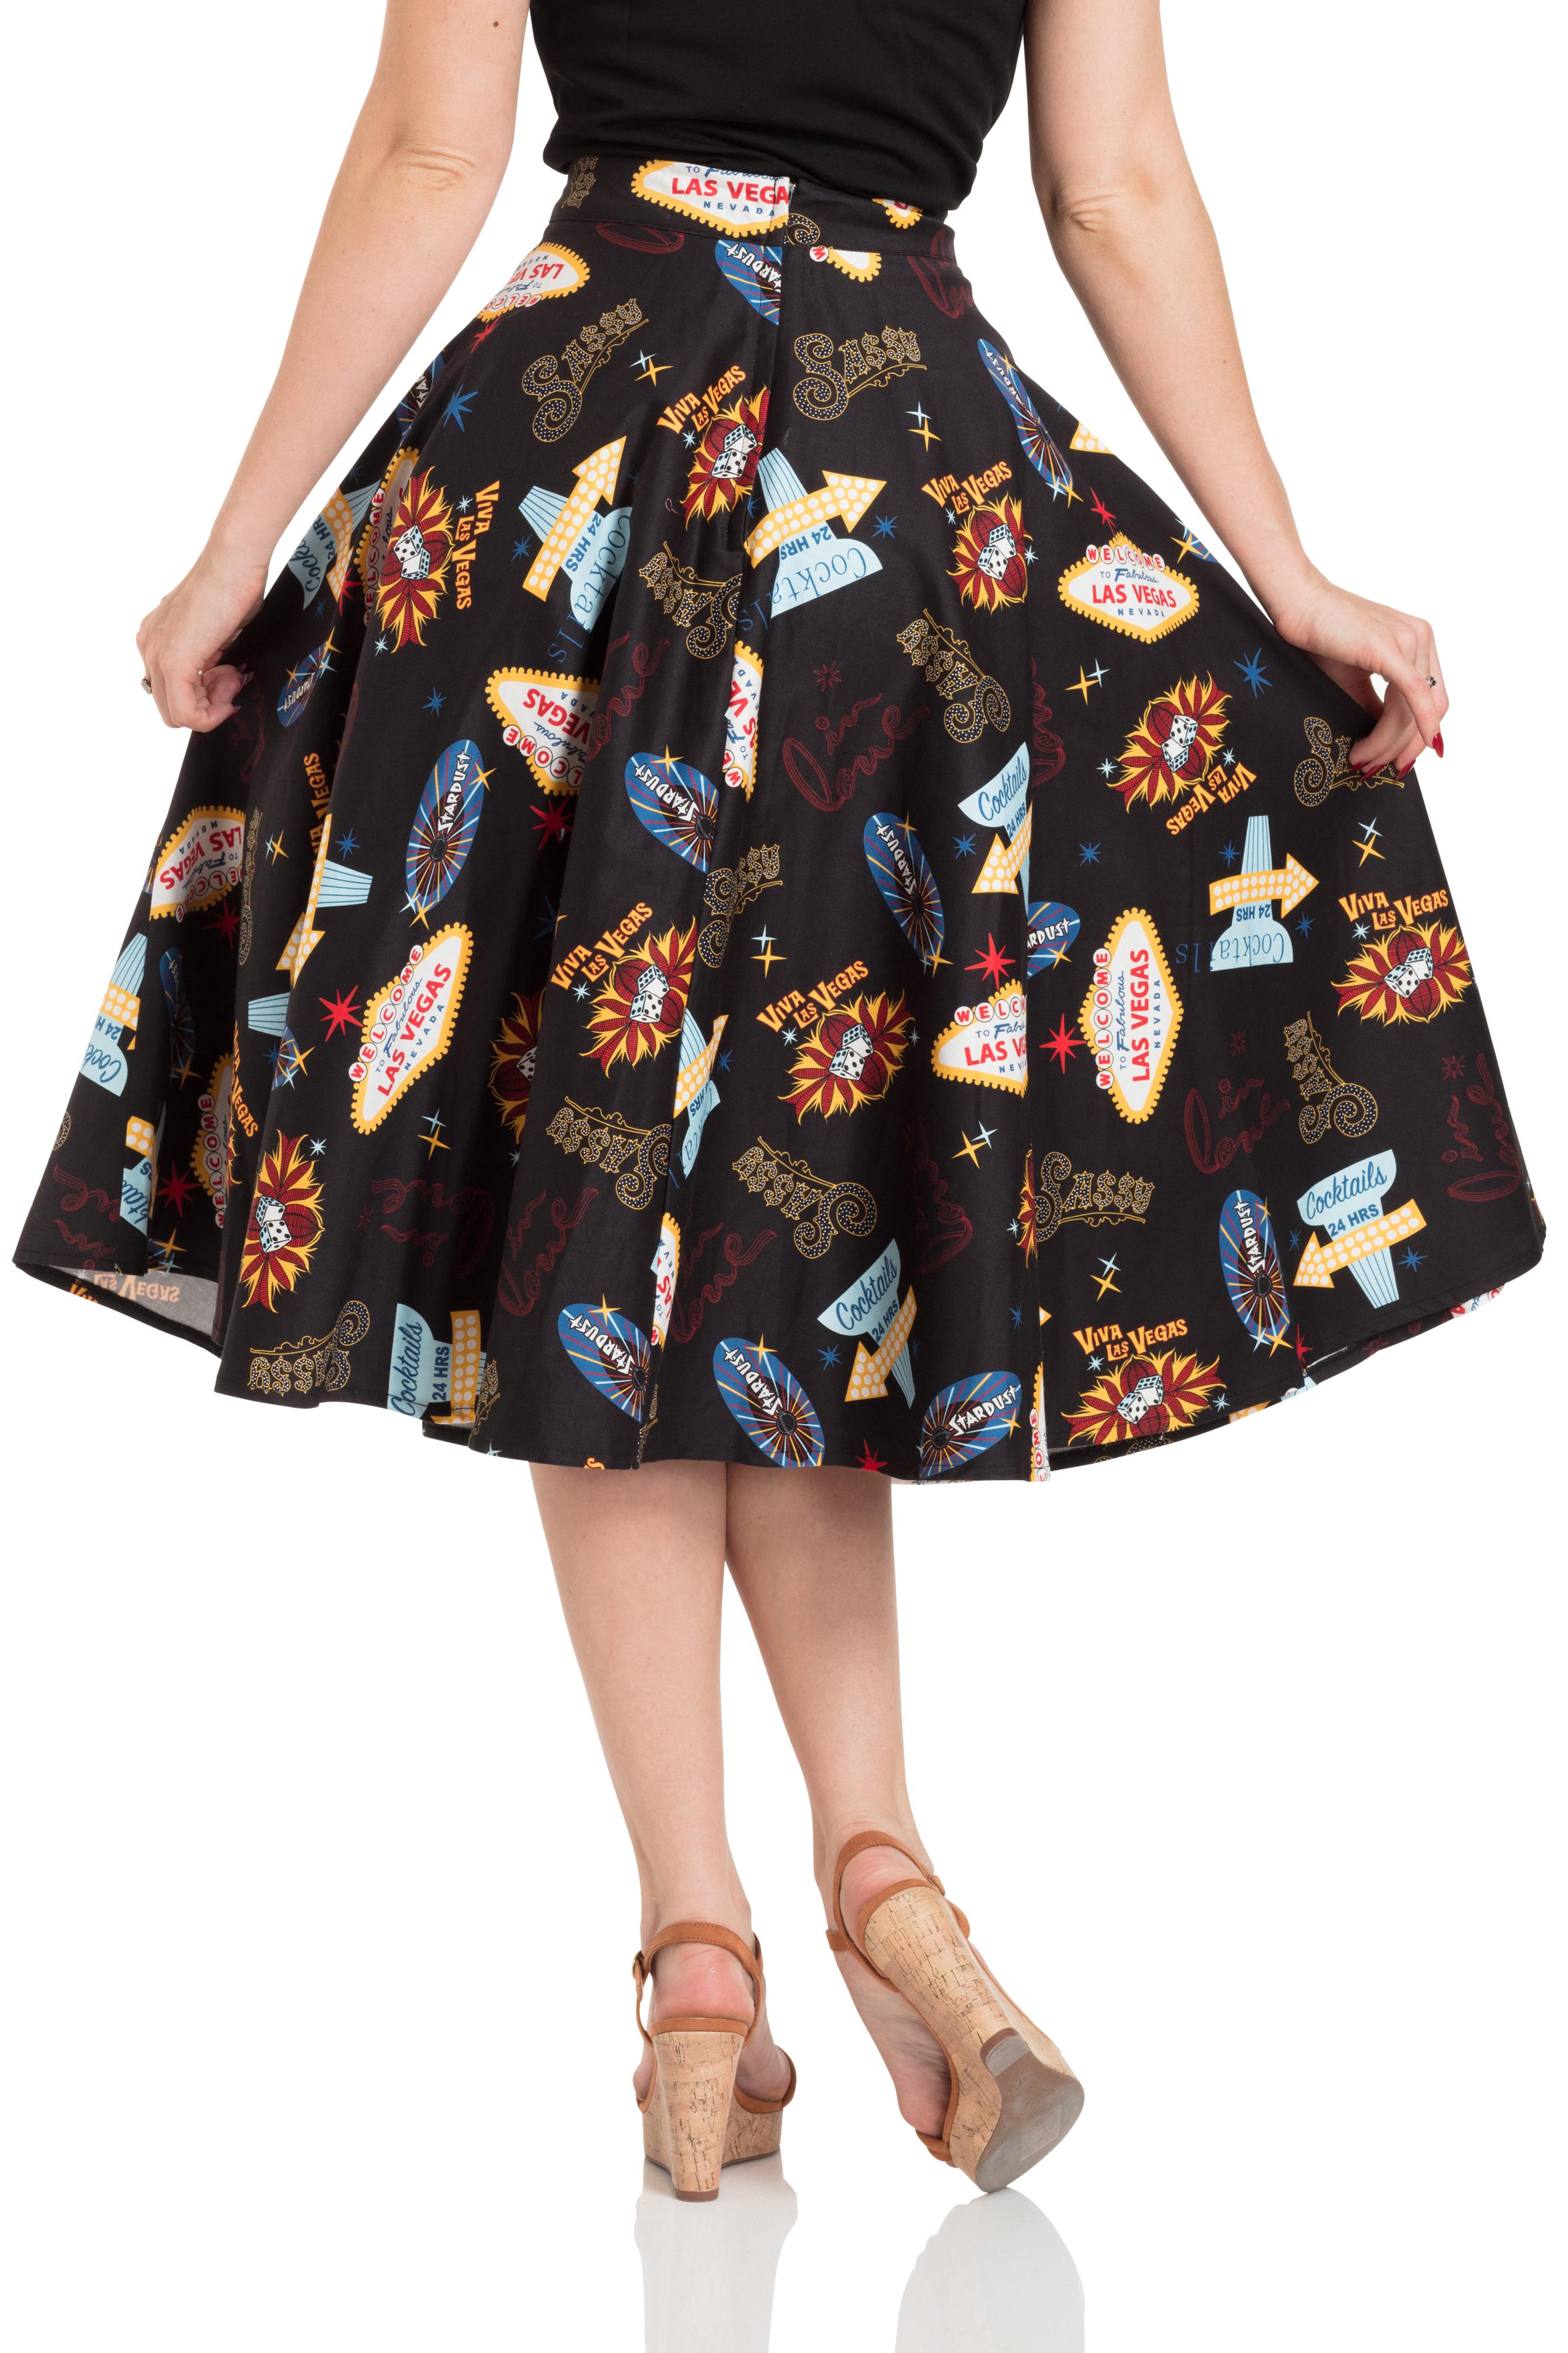 Pippa Las Vegas Skirt